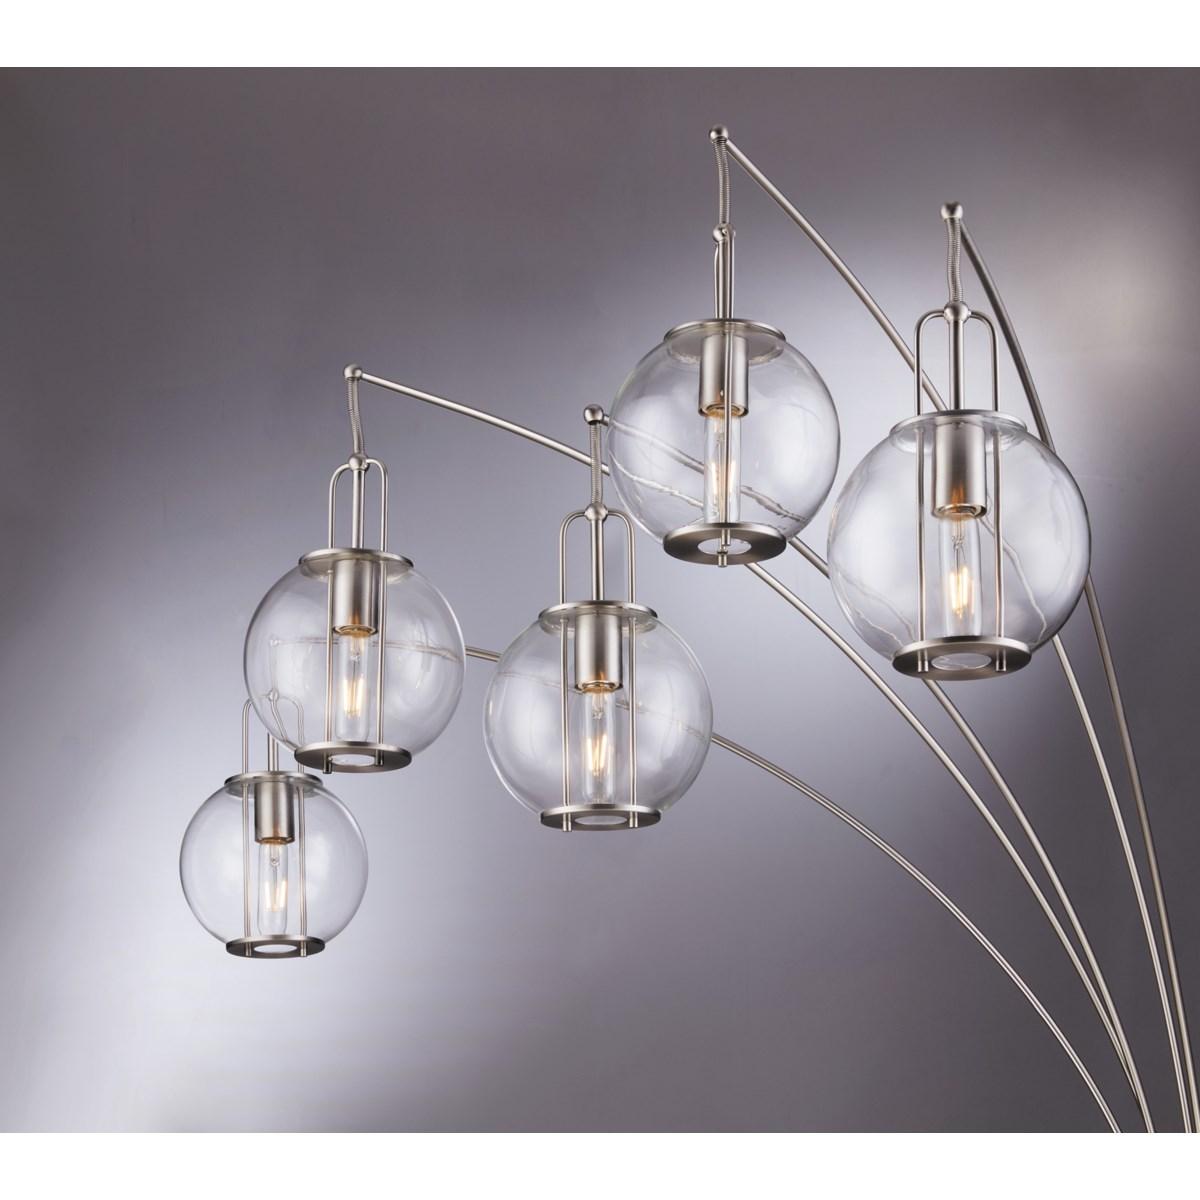 KAIRA ARC LAMPS